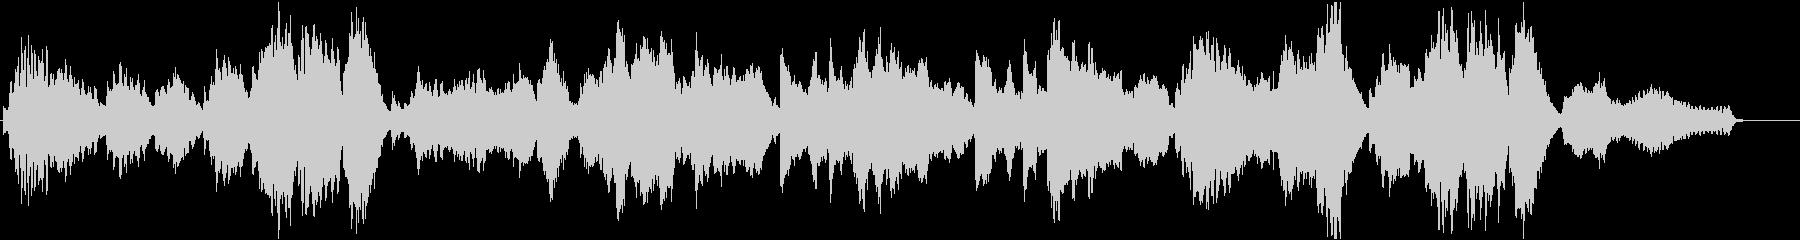 フルートとピアノによる透明感あるポップスの未再生の波形